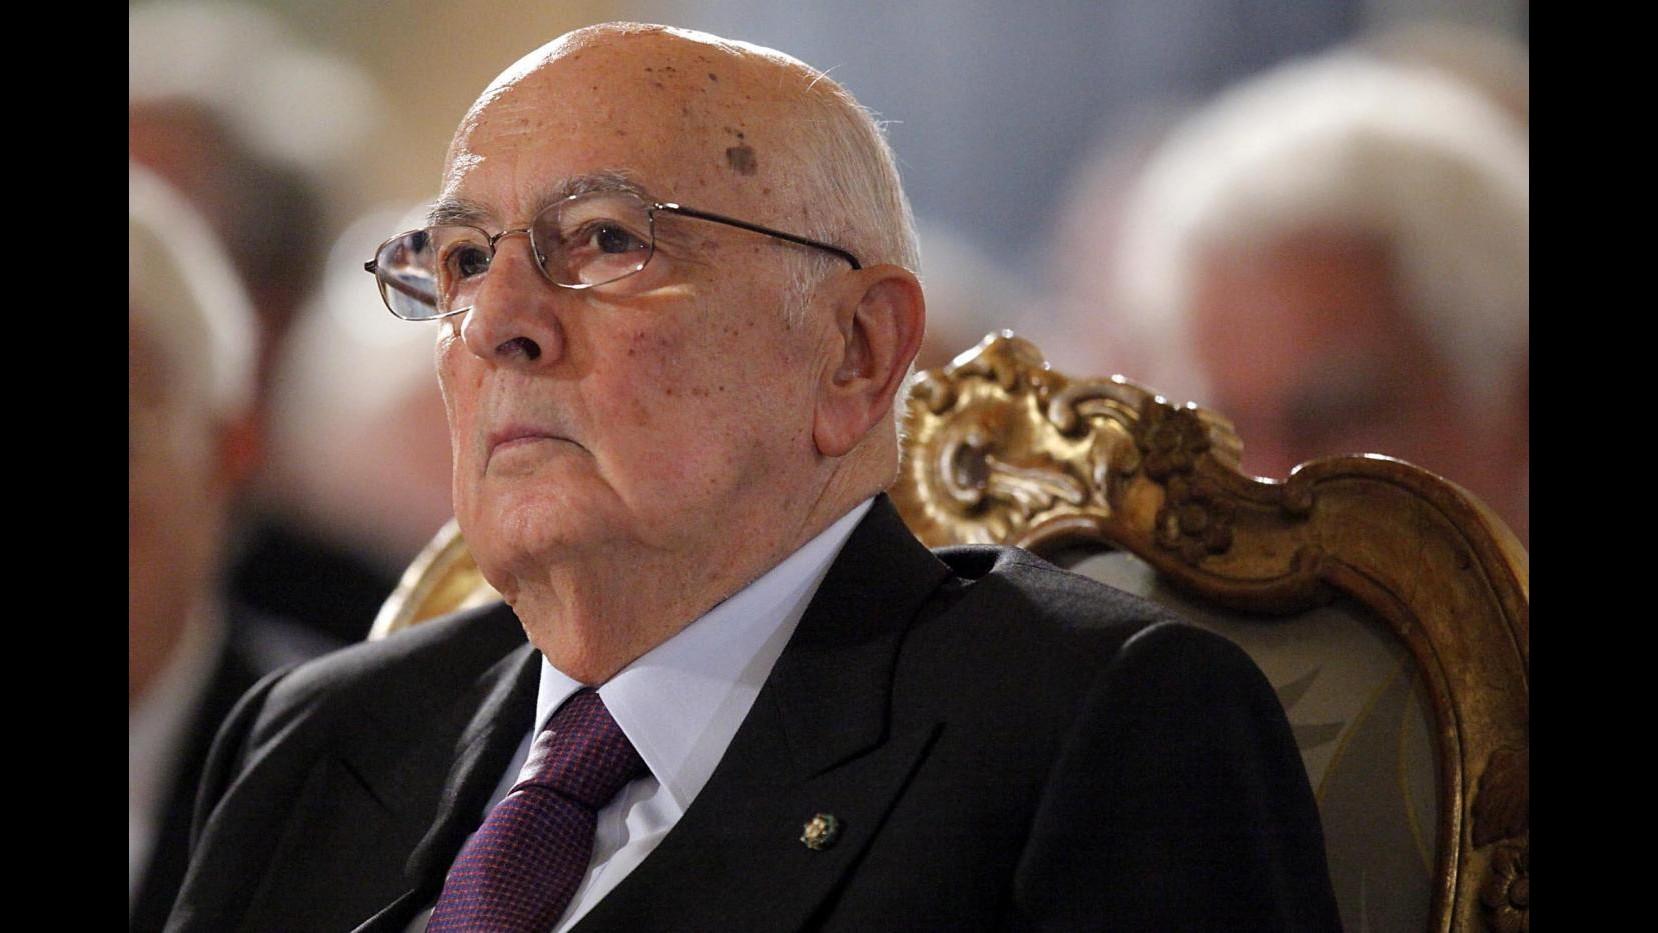 Mafia, Napolitano attende motivazioni, accolta con rispetto sentenza